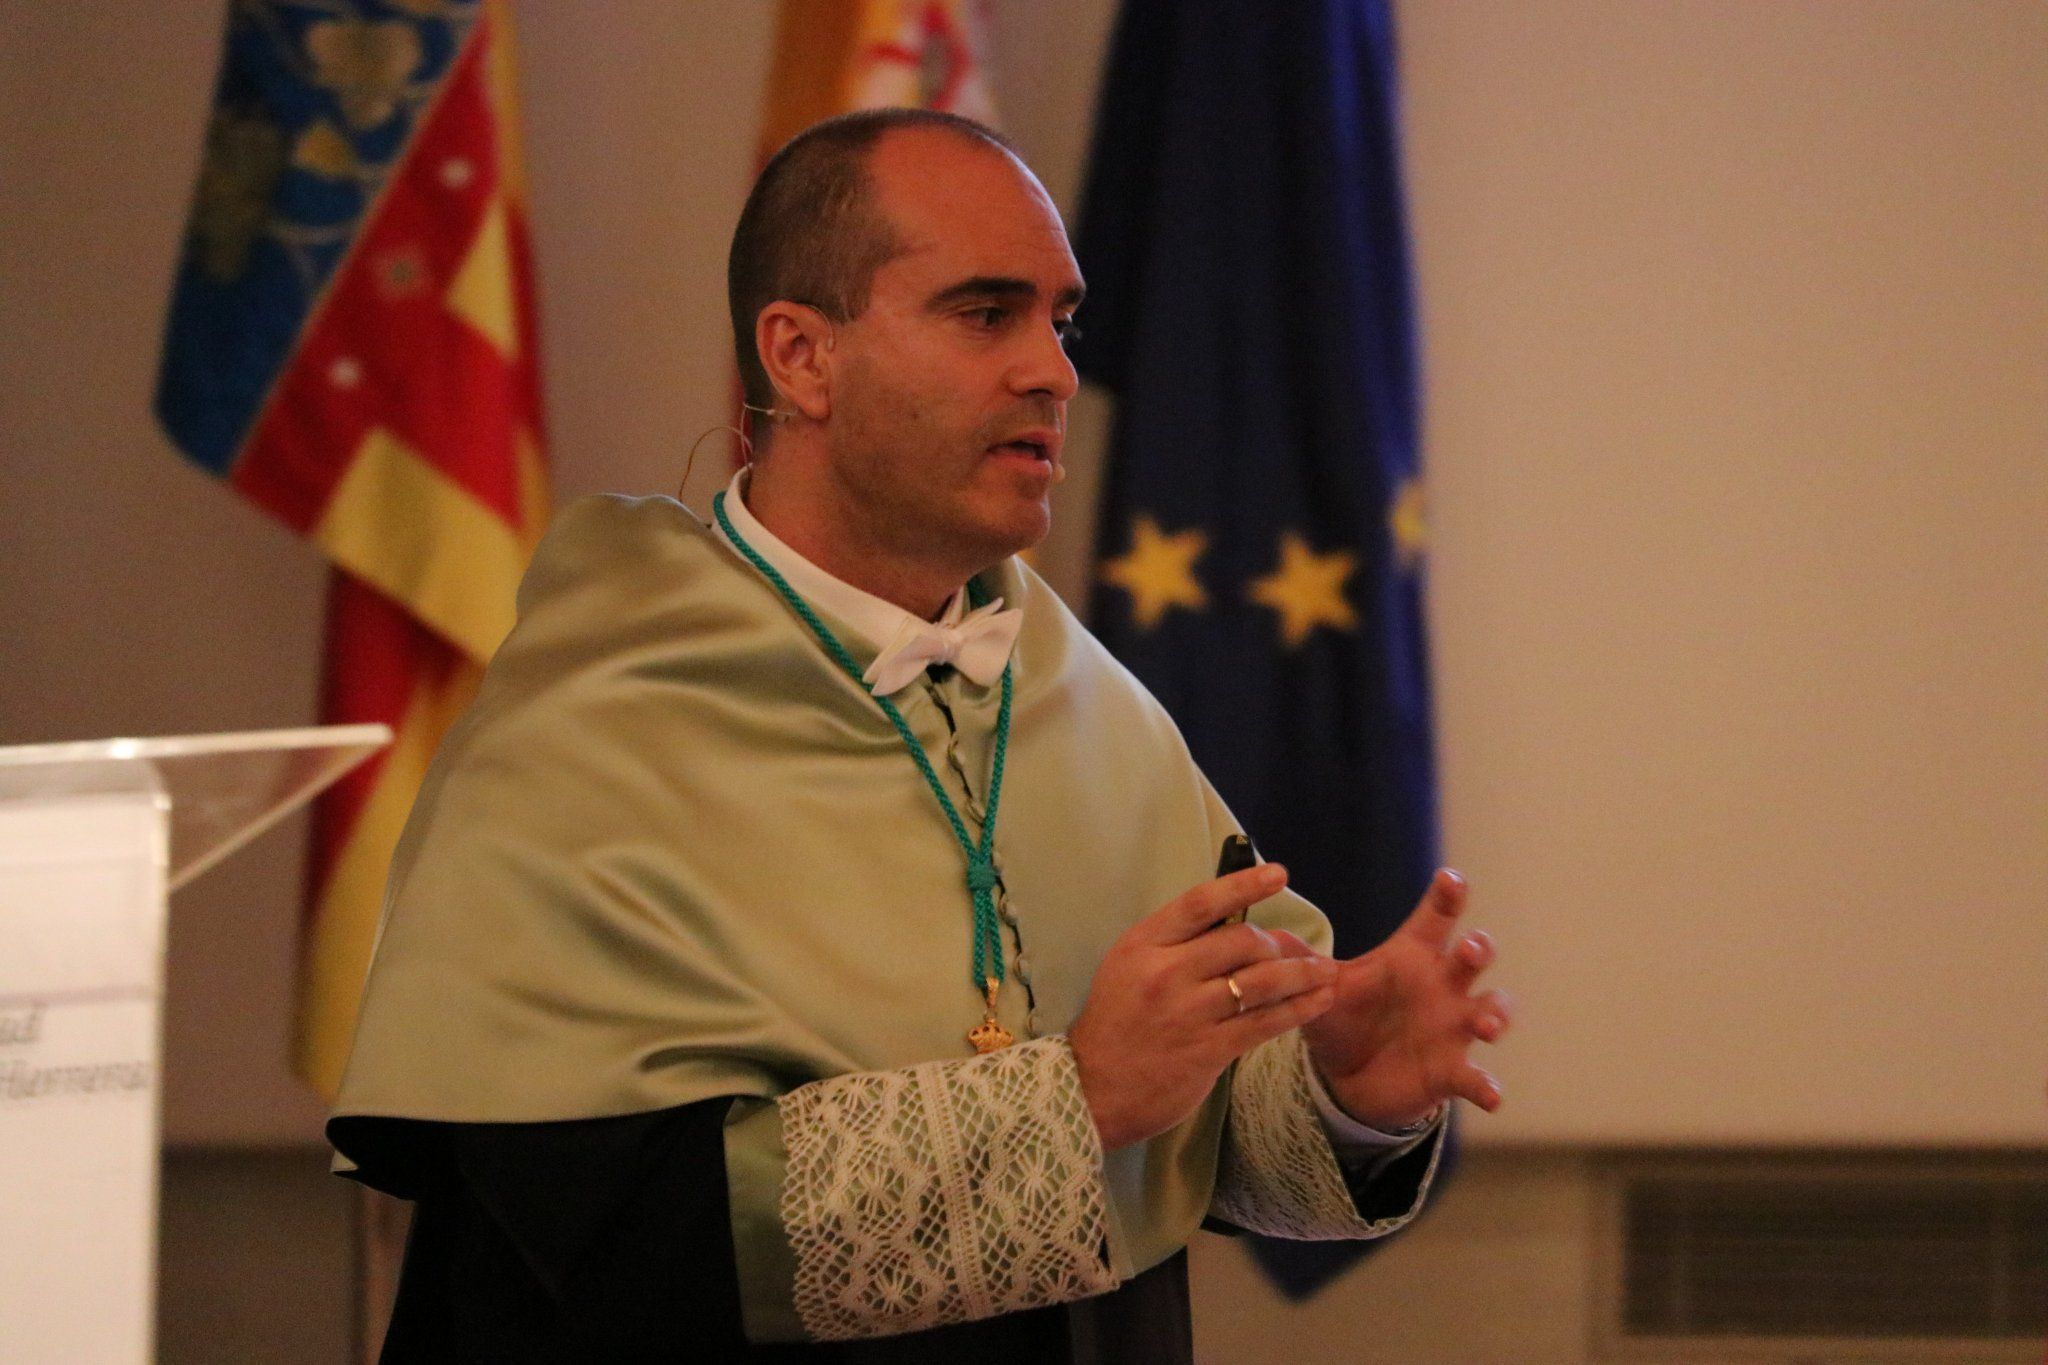 El catedrático Juan Manuel Corpa ha impartido la Lección Magistral en la Apertura del curso 2018-19 en la CEU UCH.